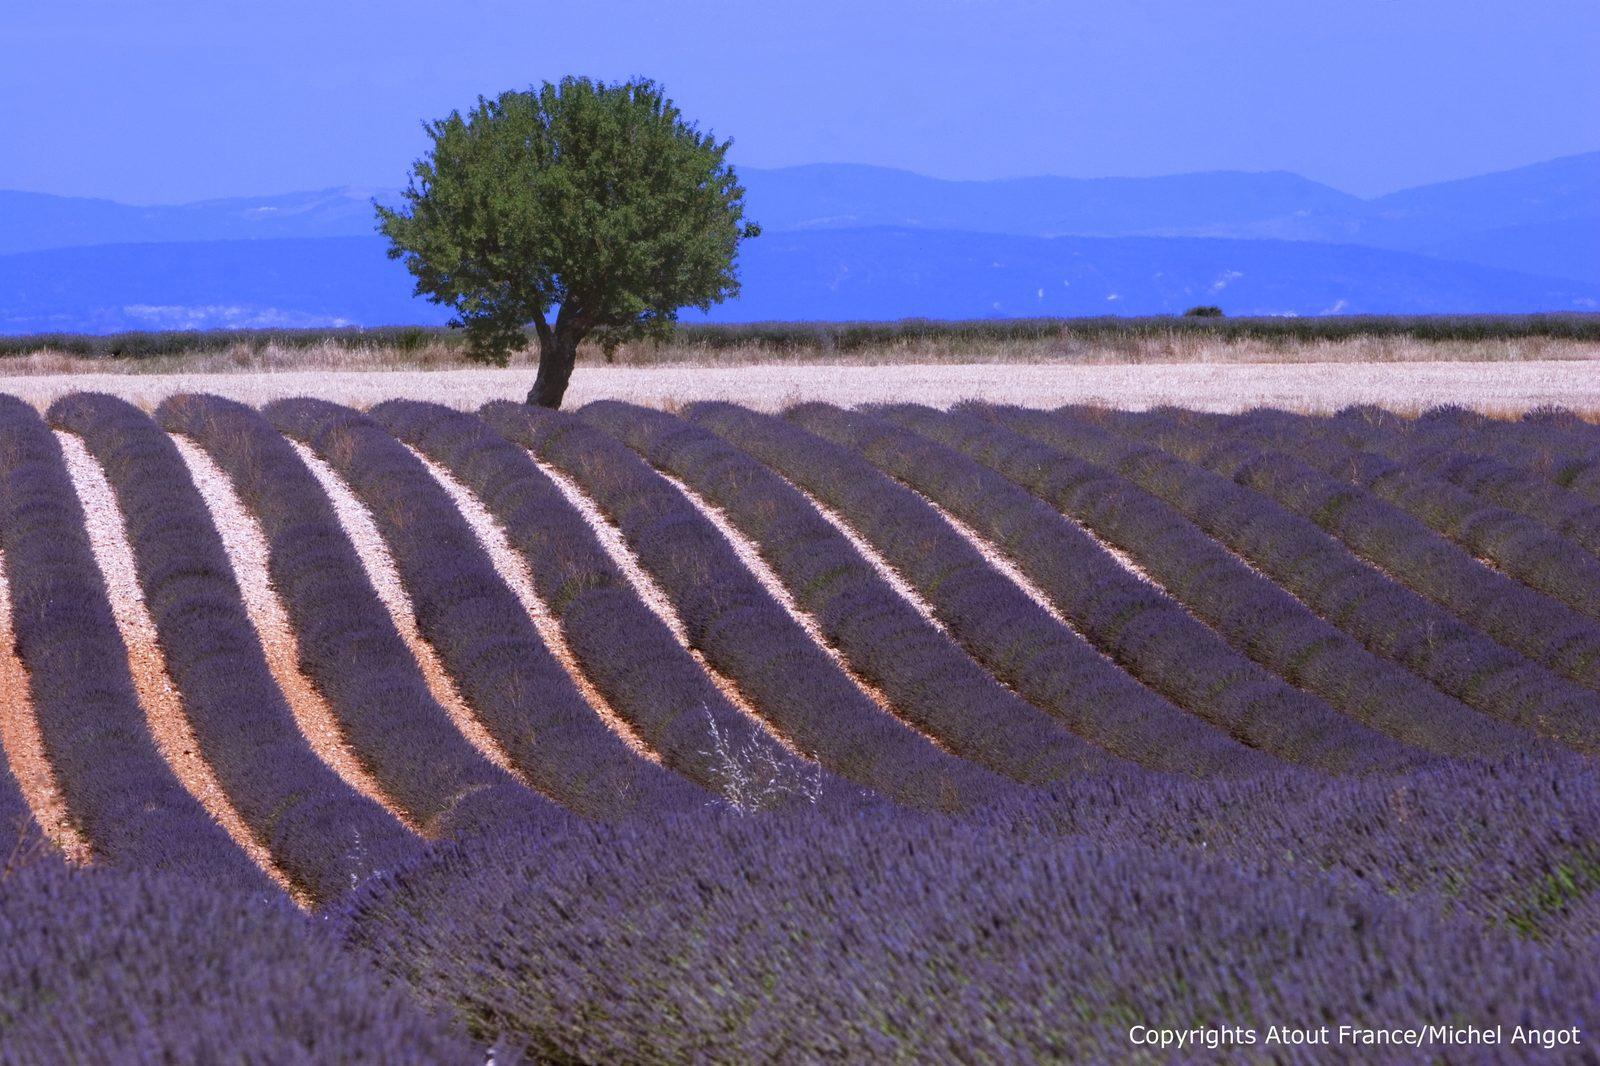 Vakantie in de Provence met geurende lavendelvelden